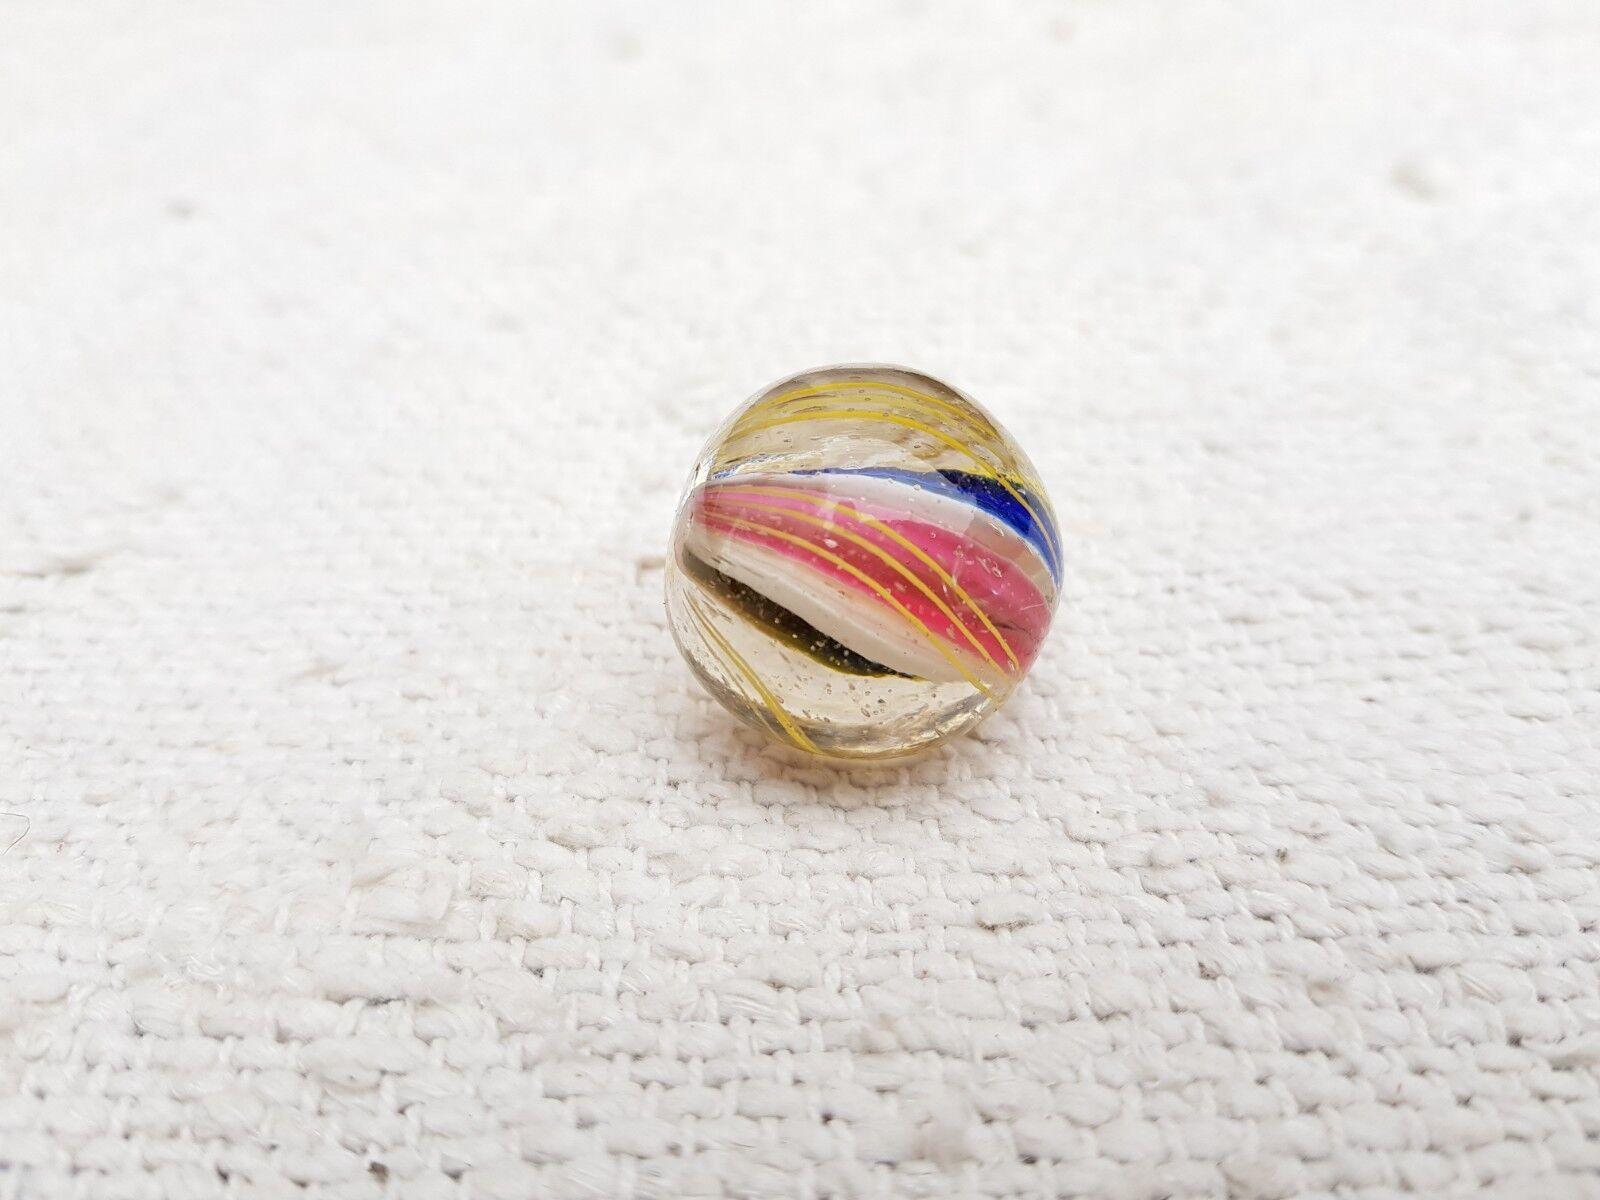 Zwanziger vintage - original handgefertigte sich kern schwenken, 1 glas marmor - deutschland